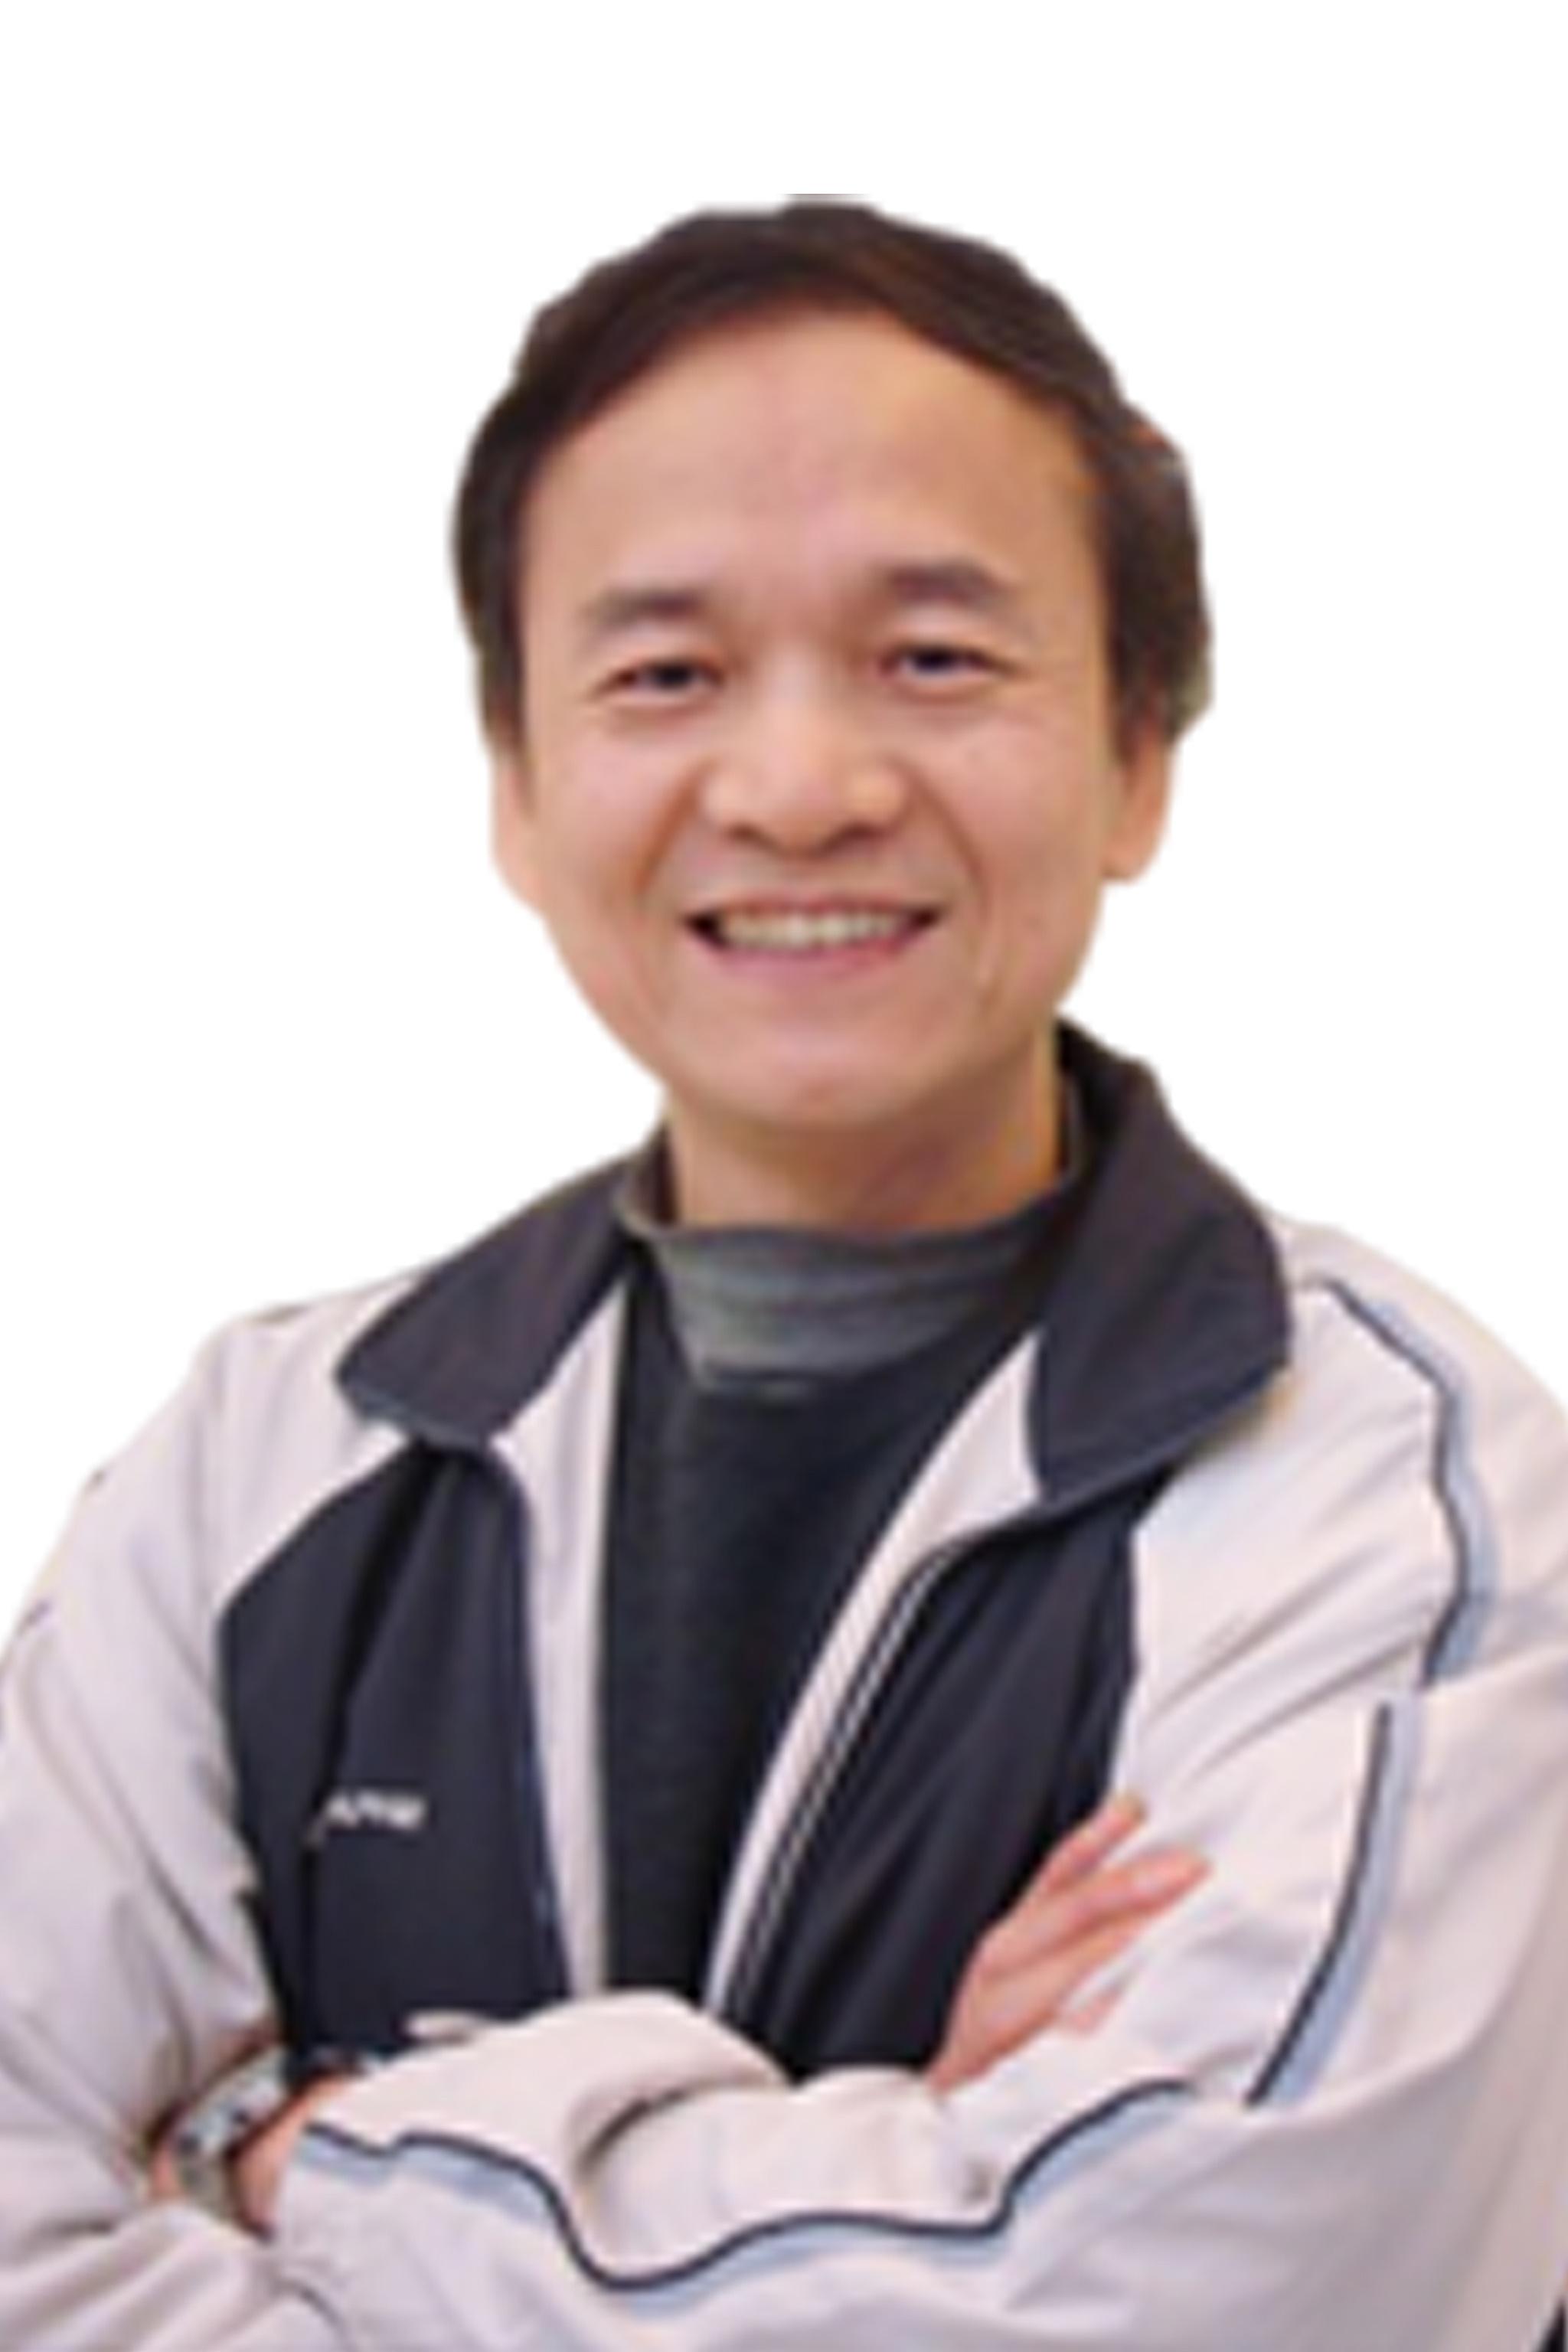 陈秋民 台湾东吴大学物理系教授 科学队长特邀专家